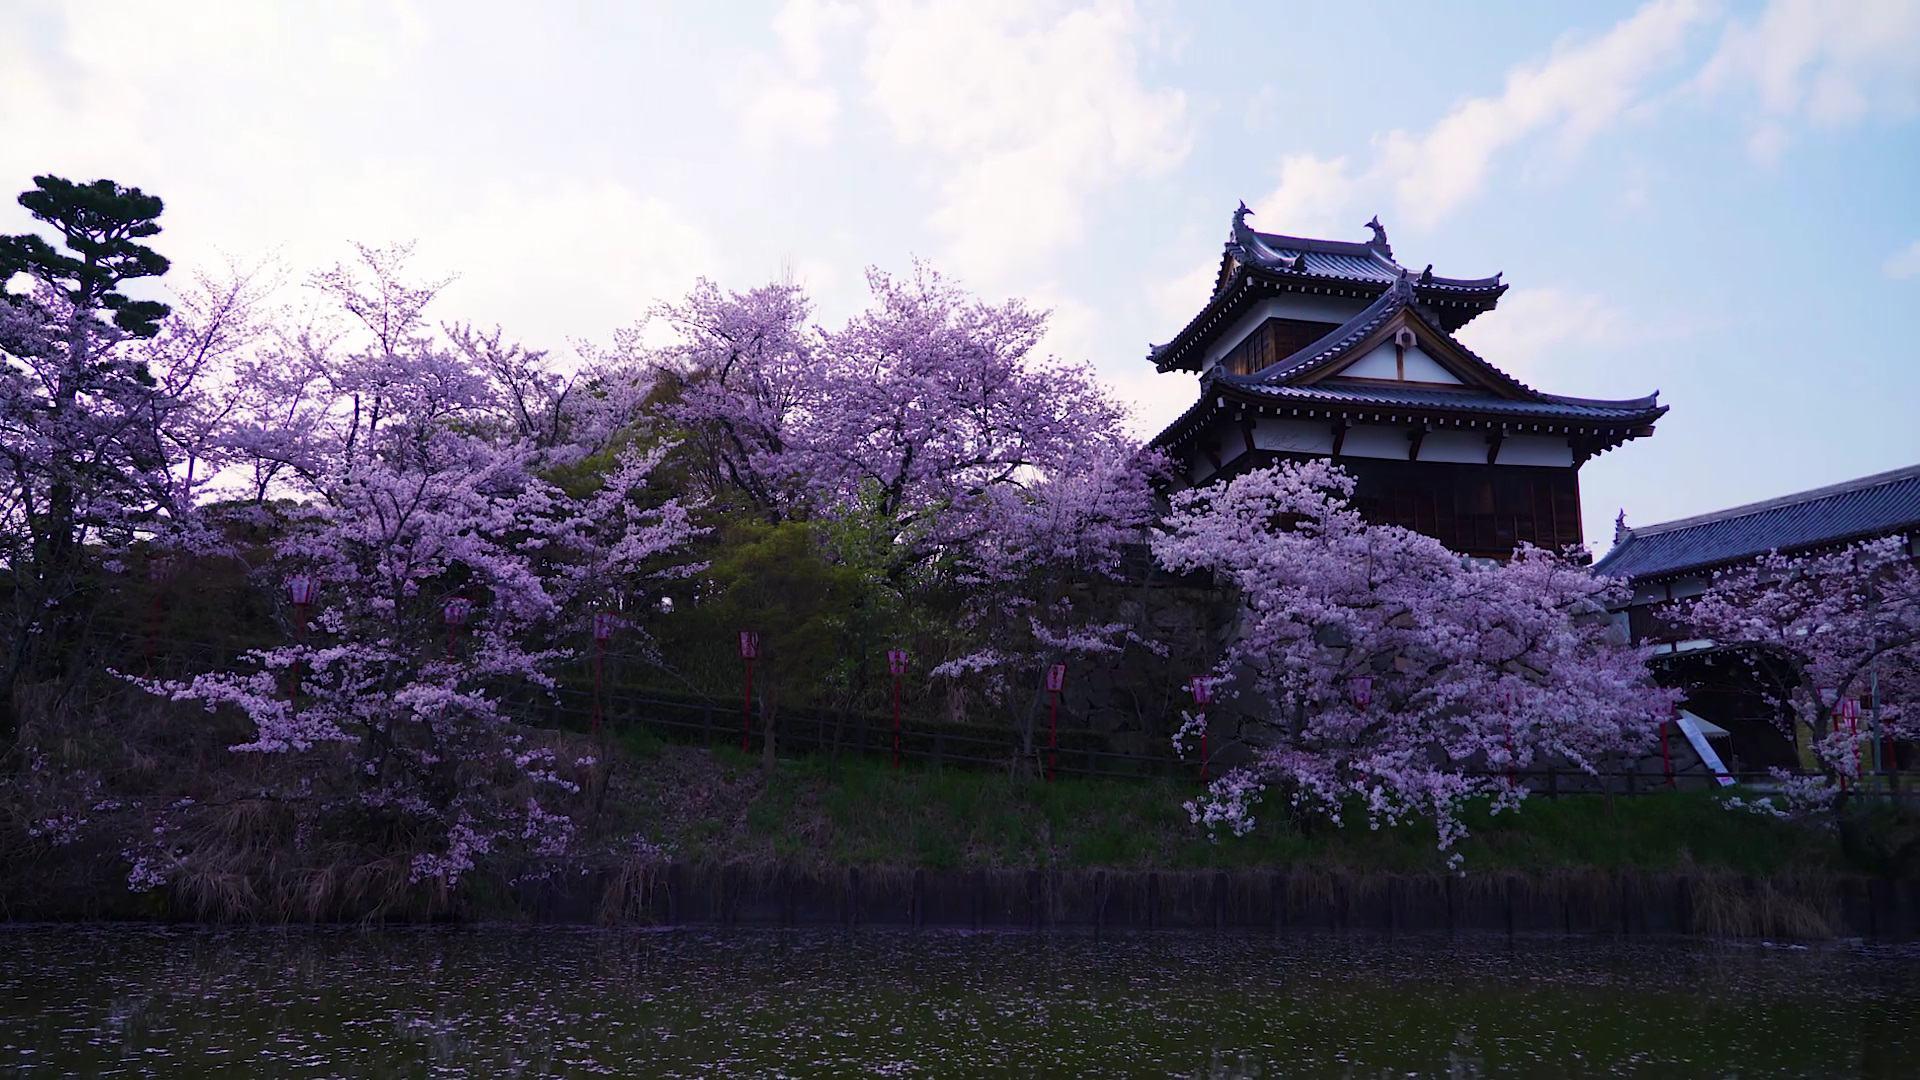 環繞在城跡一帶的櫻花樹